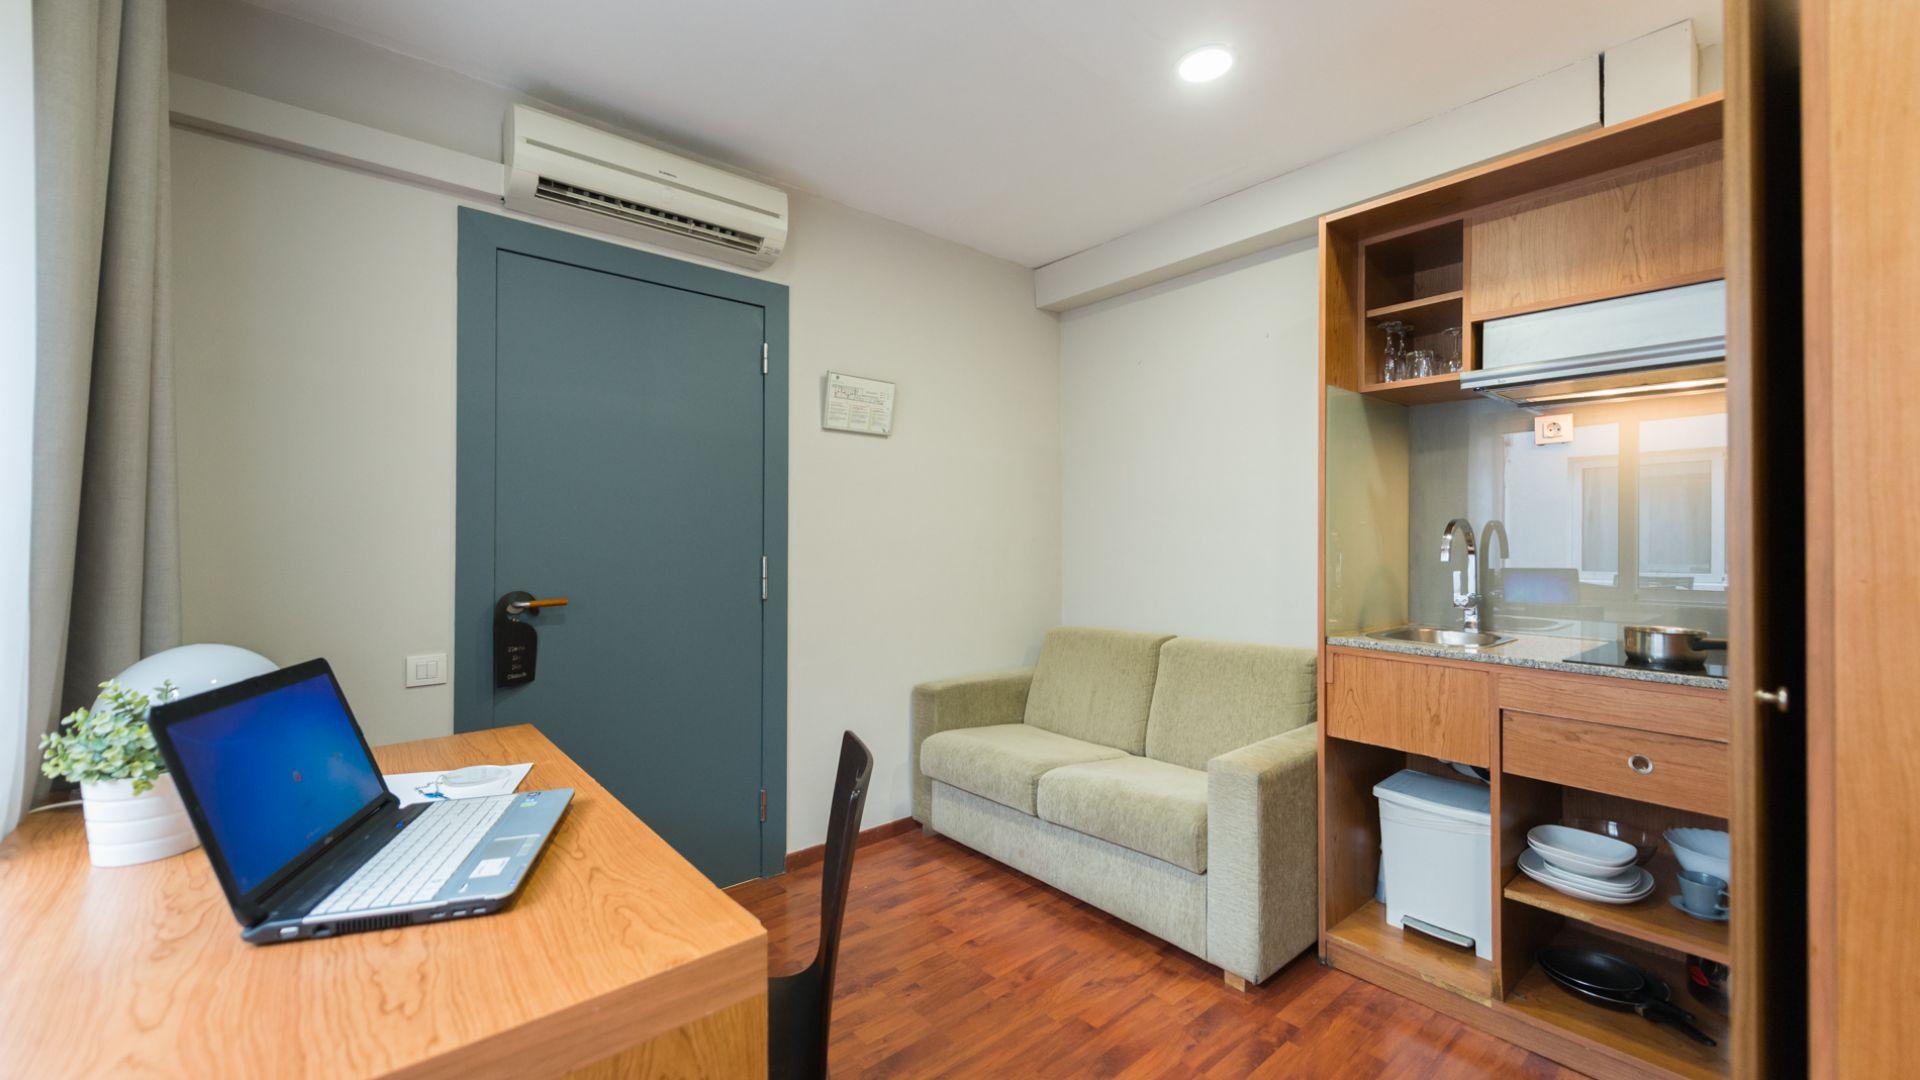 Habitacion doble con cocina